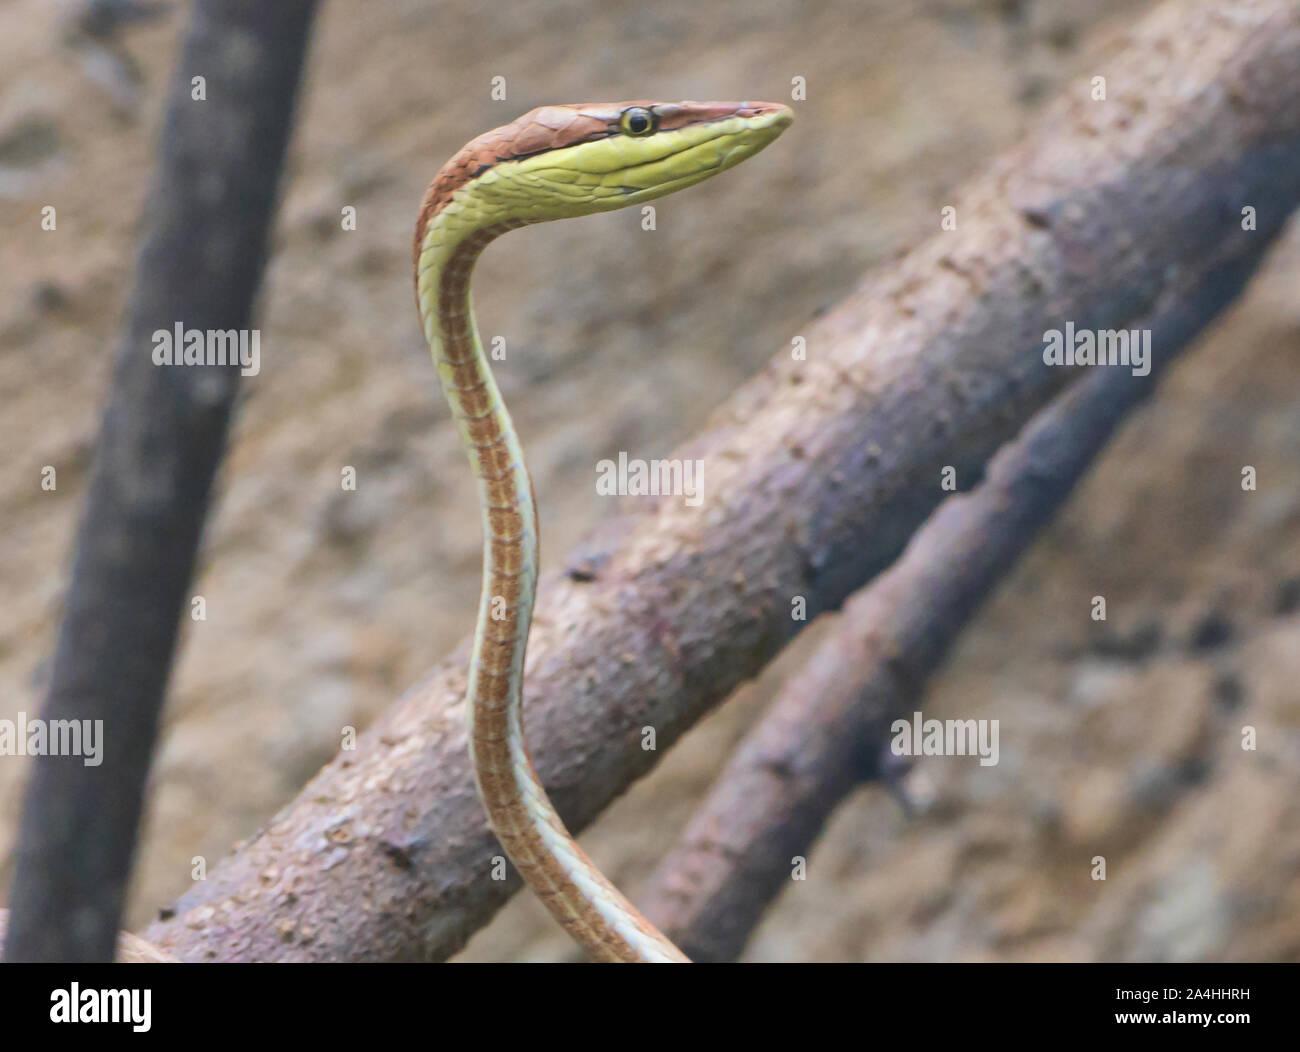 La viña de Cope snake (oxybelis brevirostris), Ecuador Foto de stock